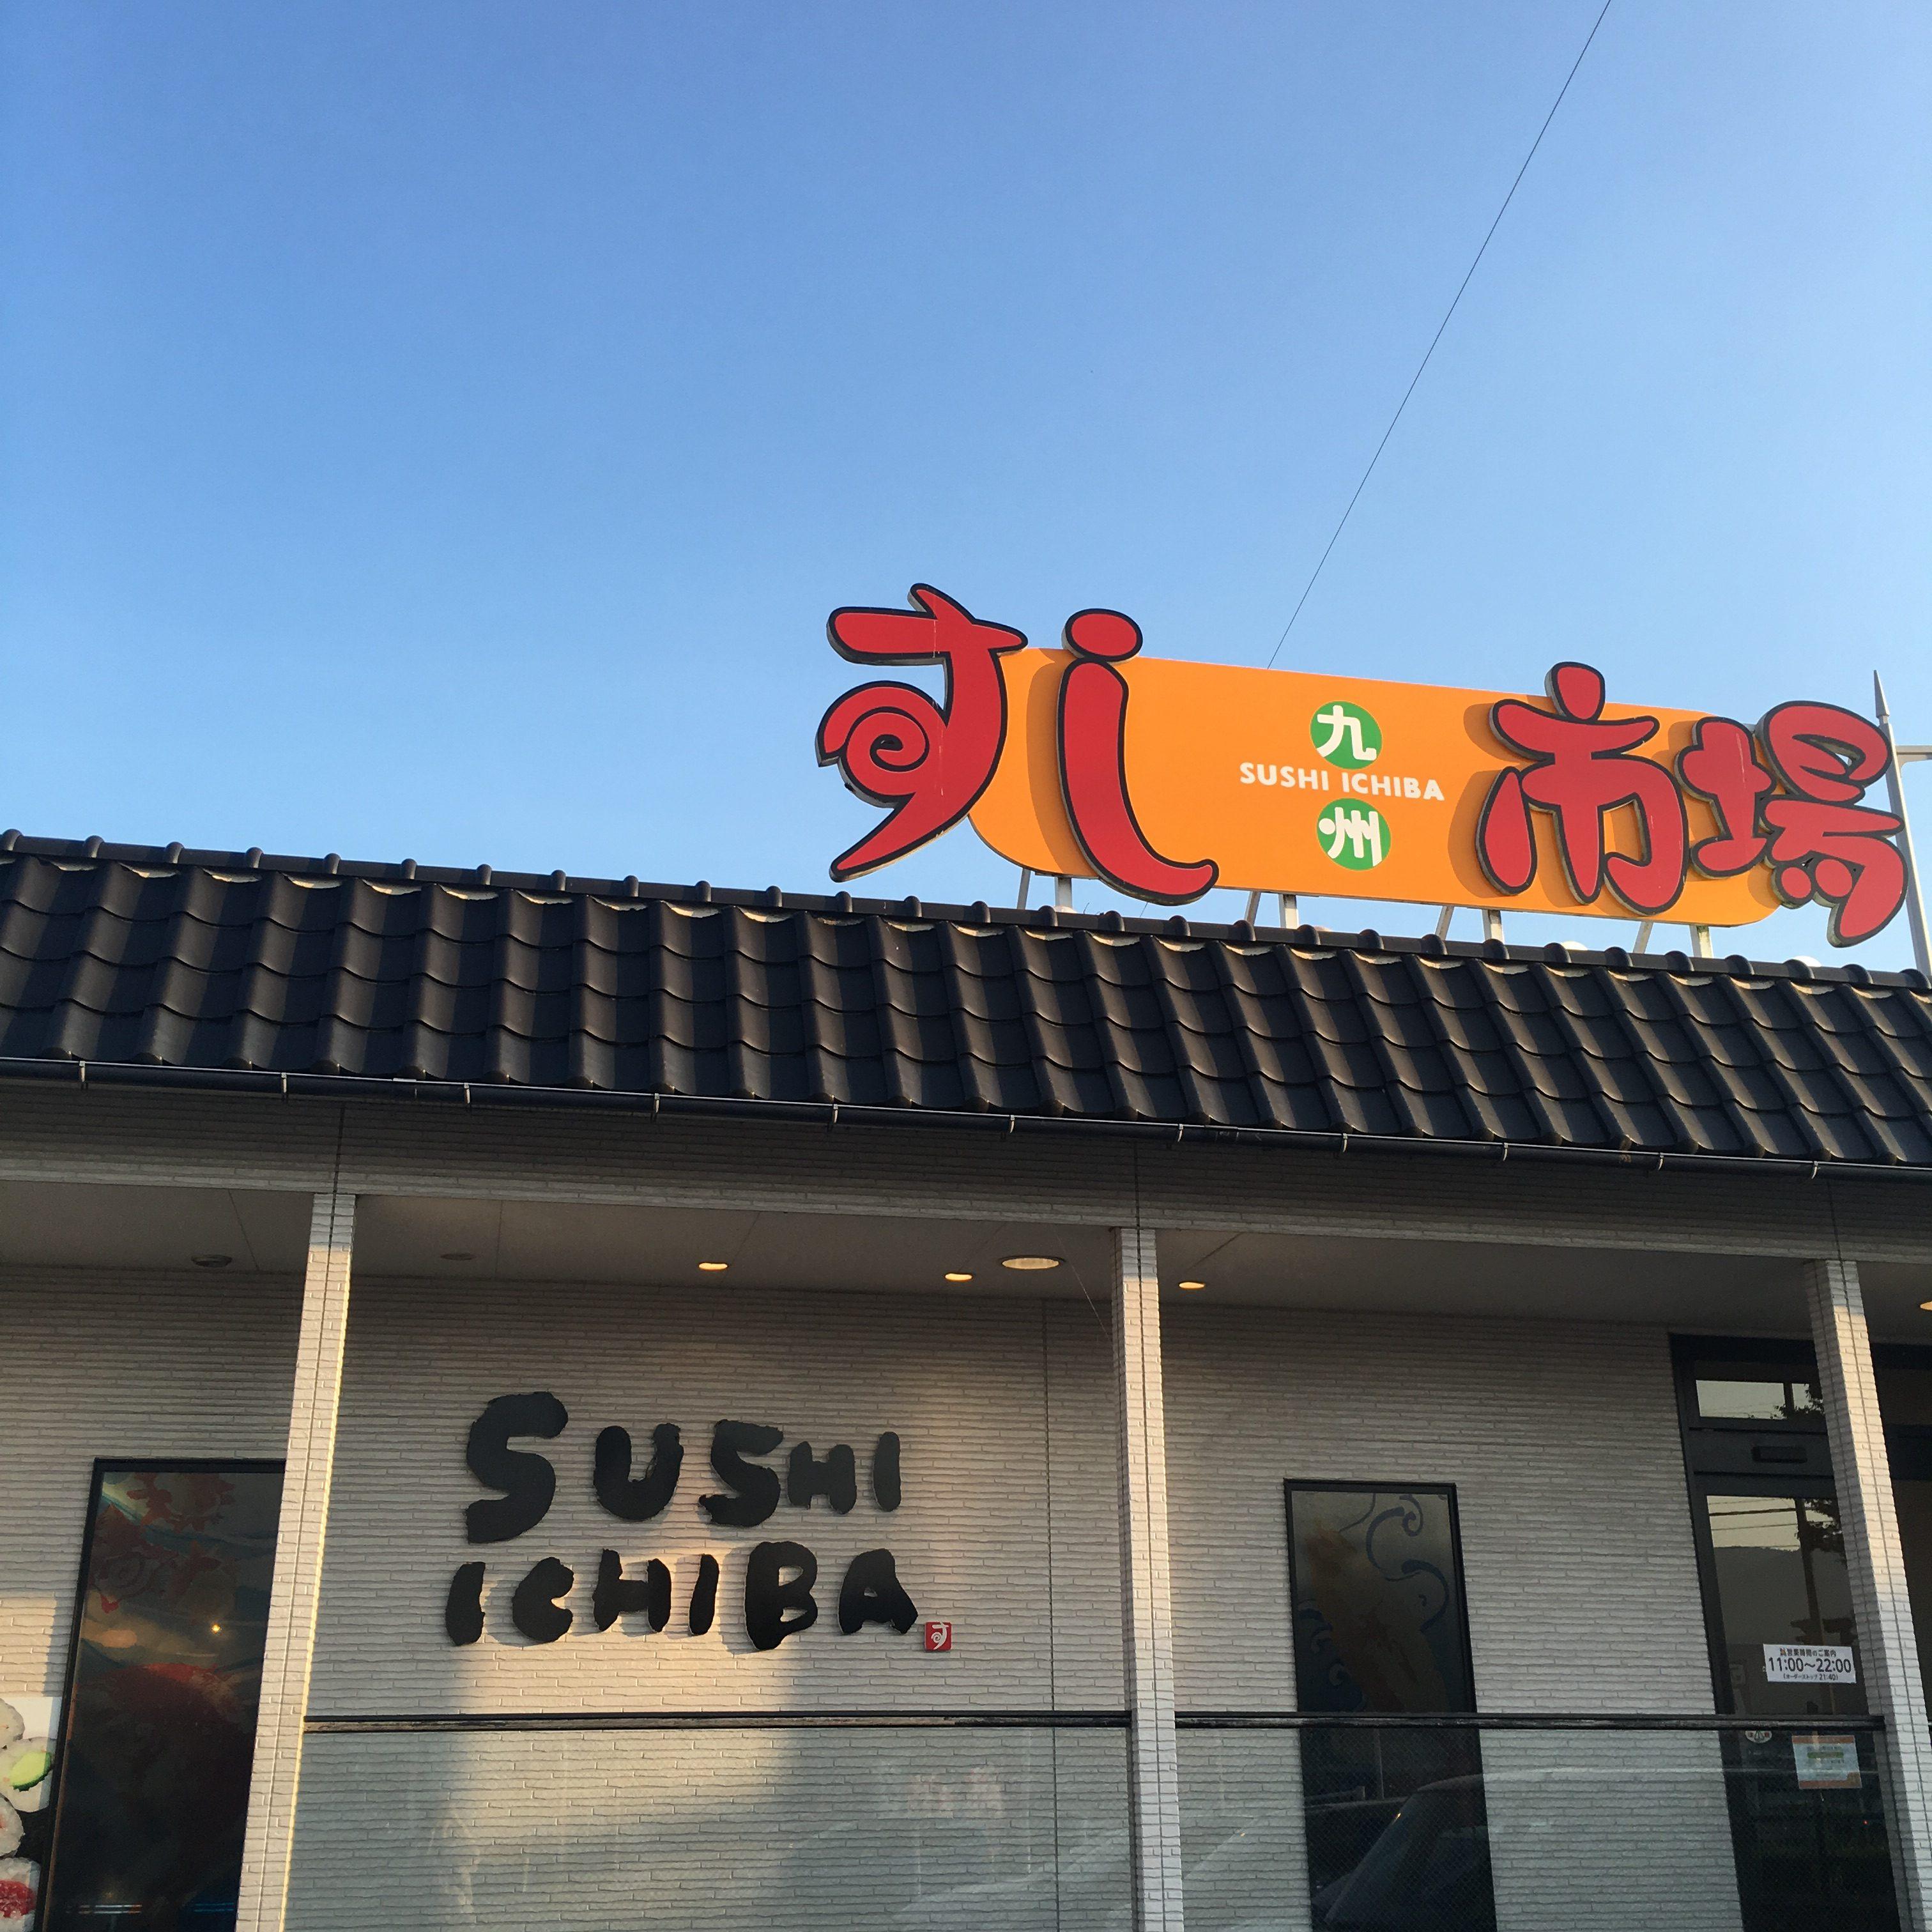 【すし市場】100円で新鮮な寿司が食べられる店@持ち帰りメニュー